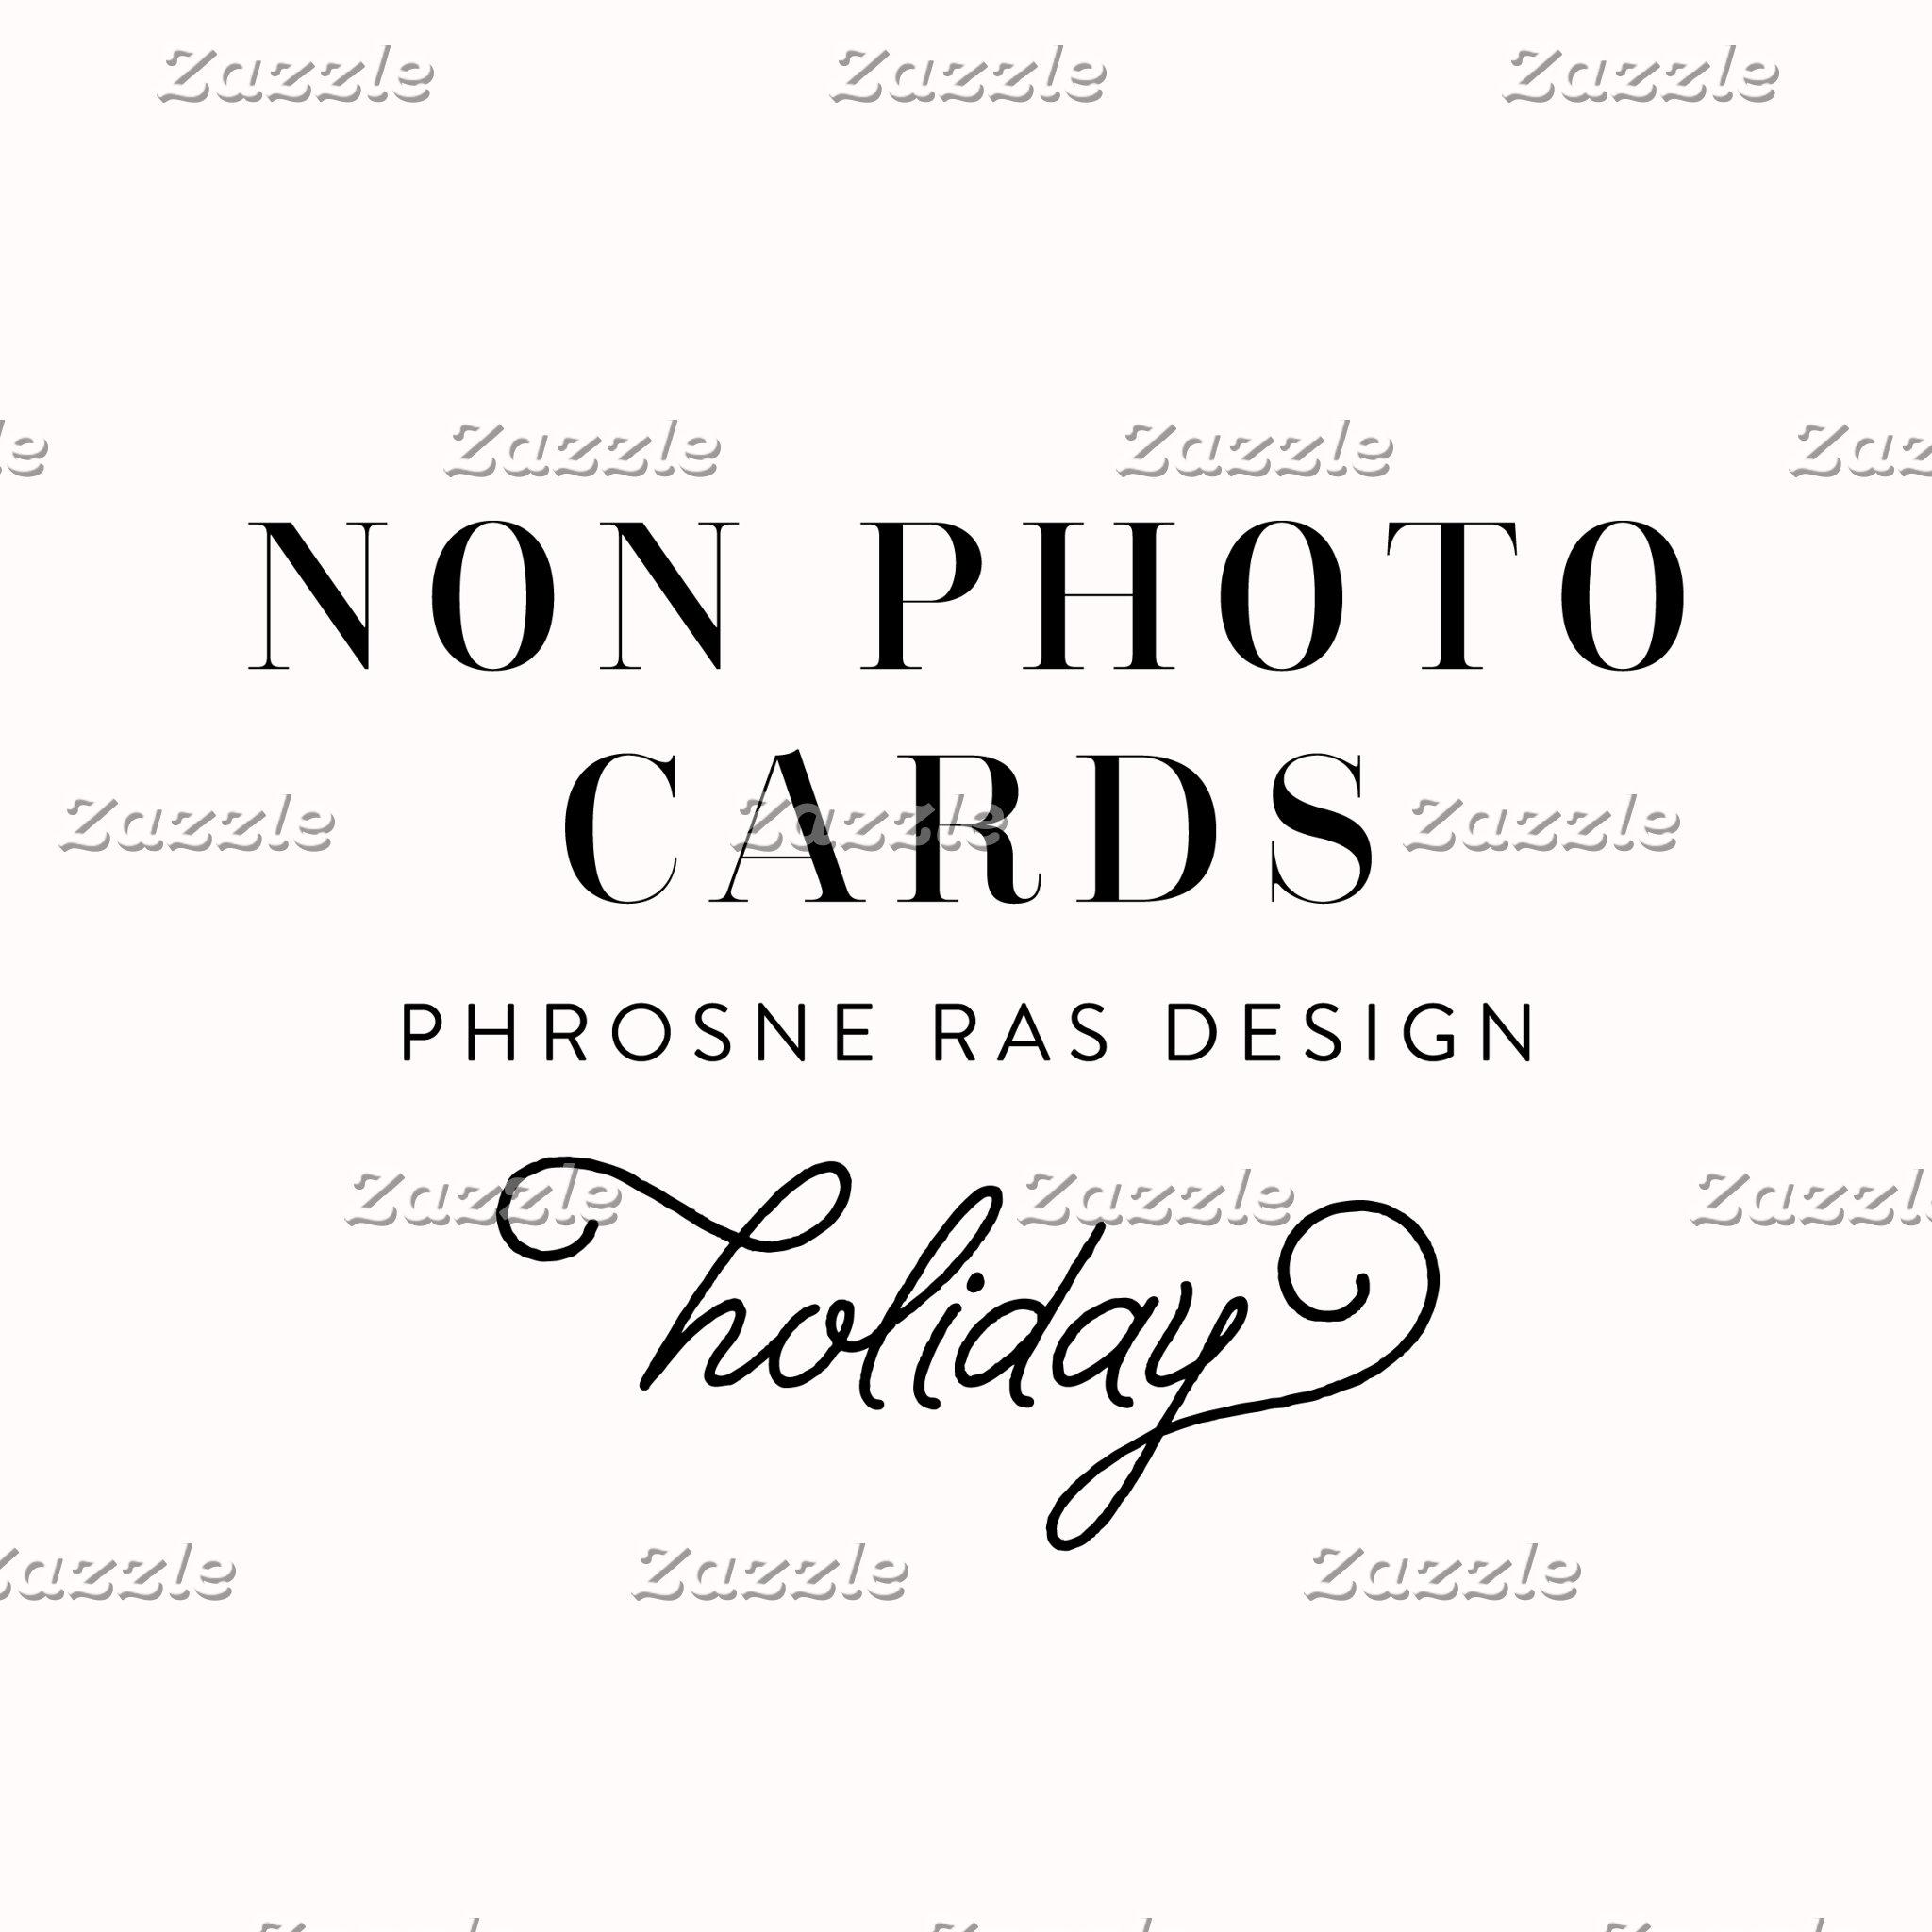 Non Photo Cards